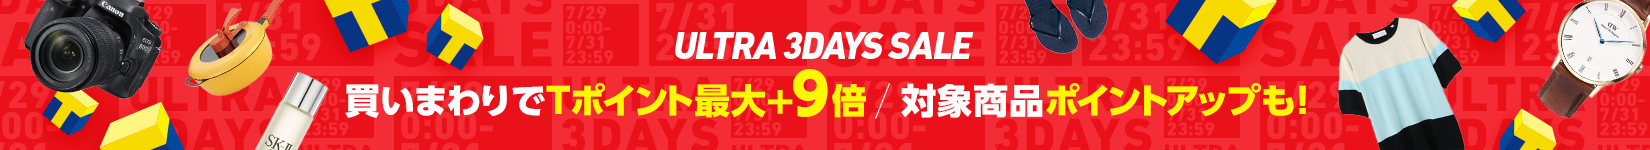 ウルトラ3DAYS(31日)